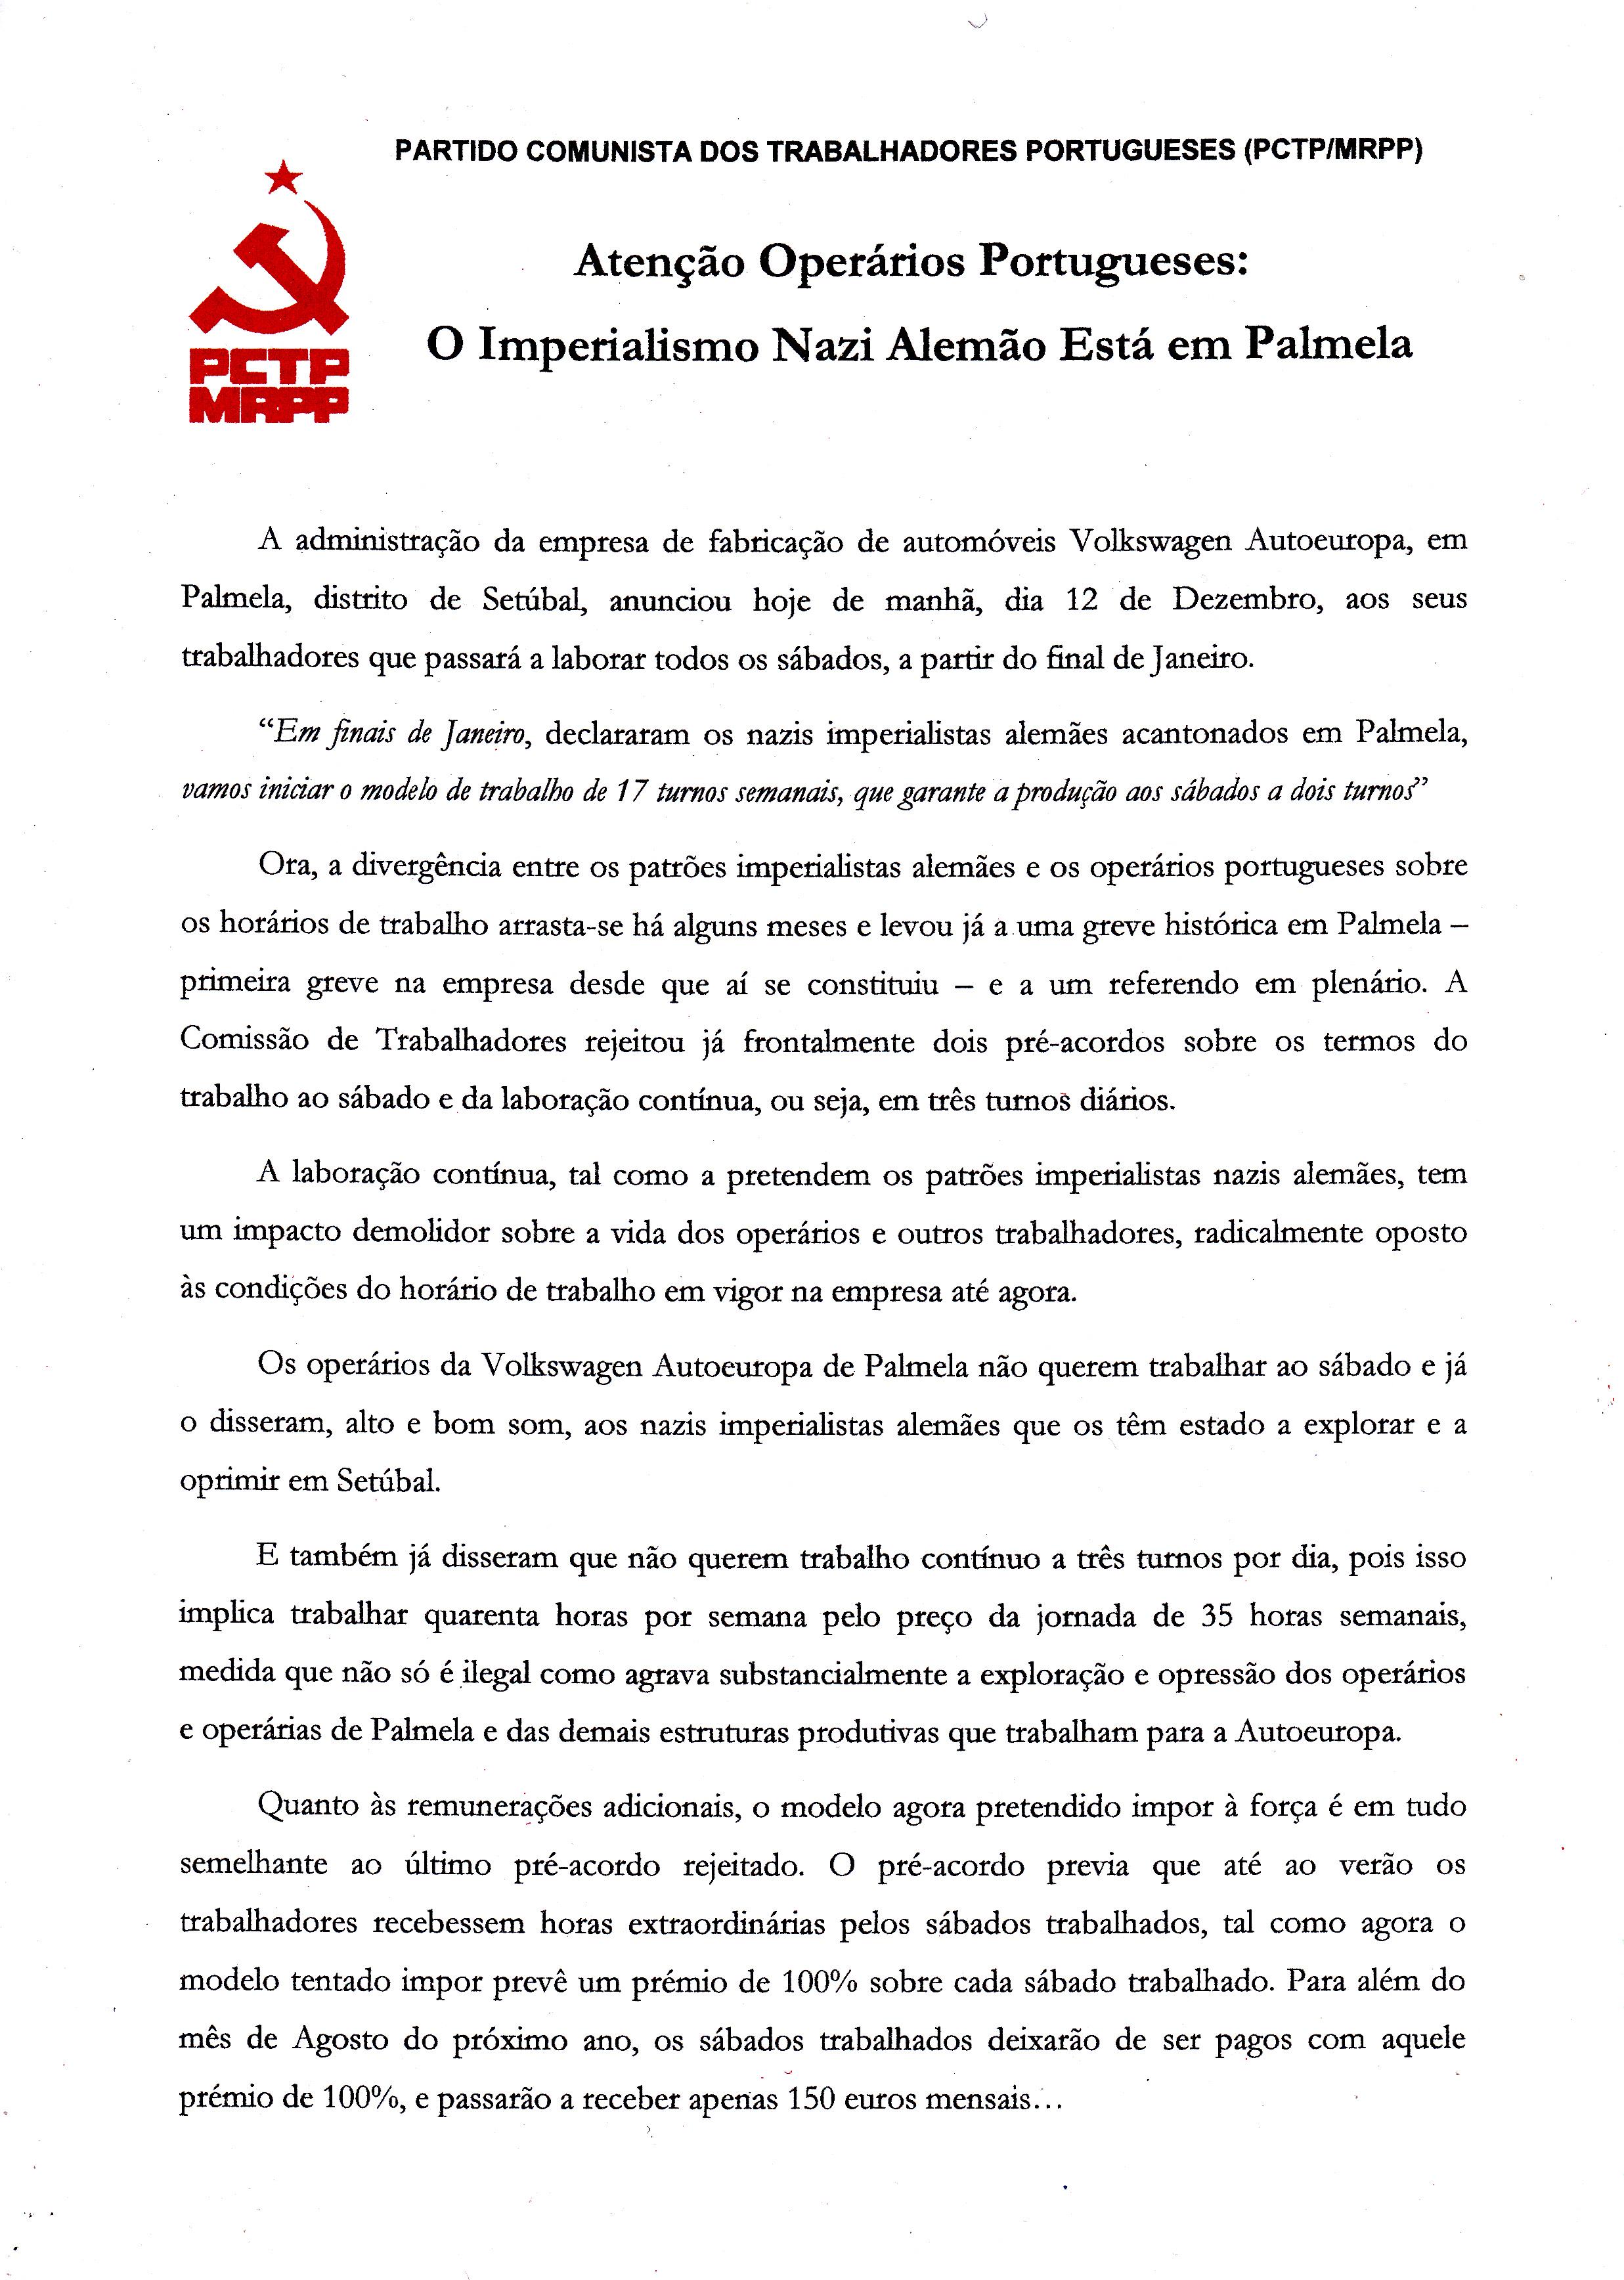 PCTP-MRPP – COMITÉ REGIONAL DE SETÚBAL – EPHEMERA – Biblioteca e arquivo de  José Pacheco Pereira debc934a7077e